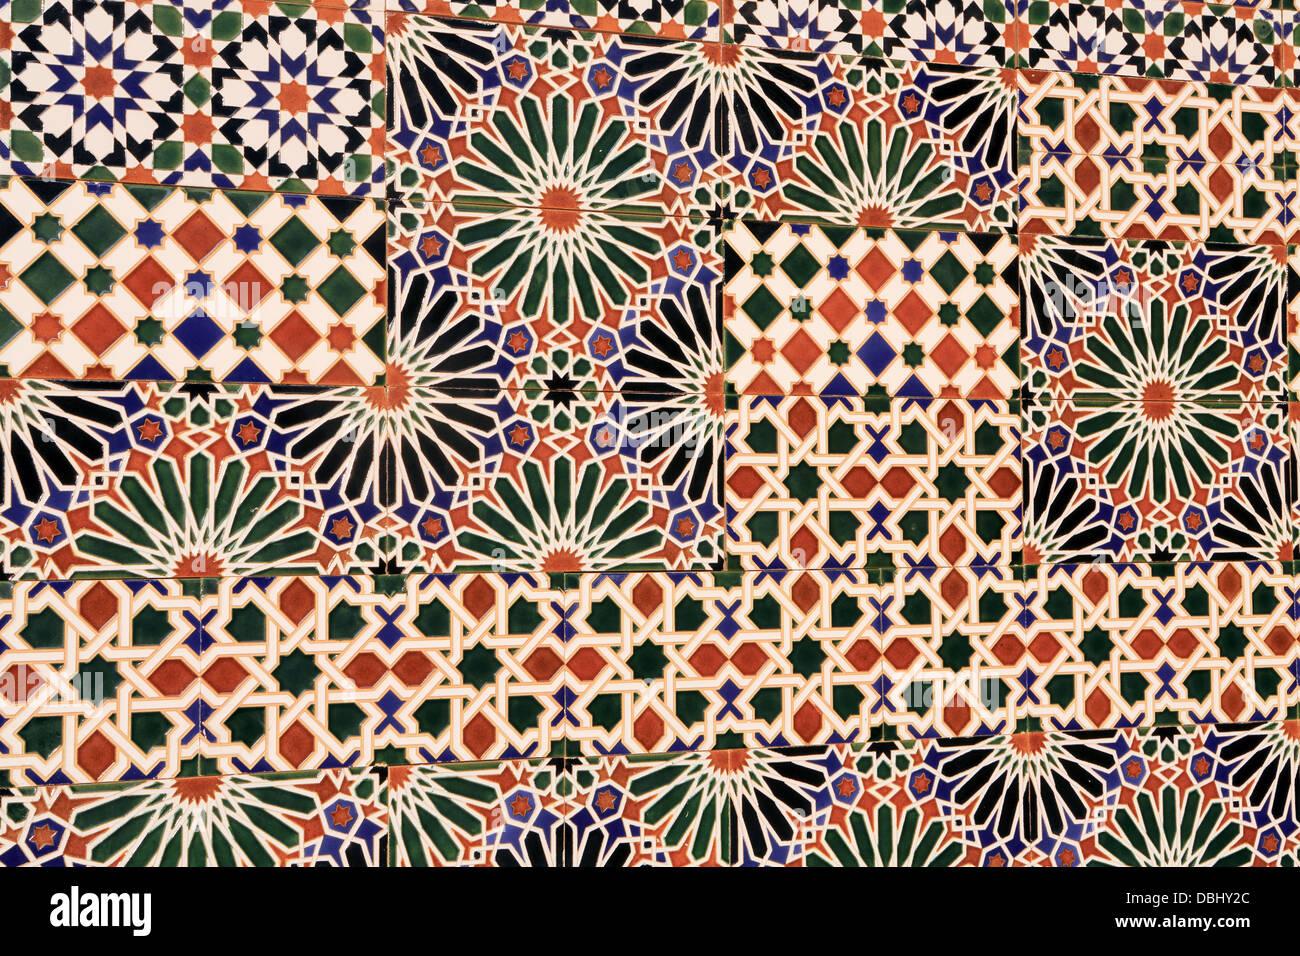 Ceramic wall tiles exterior public mural toledo spain stock ceramic wall tiles exterior public mural toledo spain doublecrazyfo Image collections